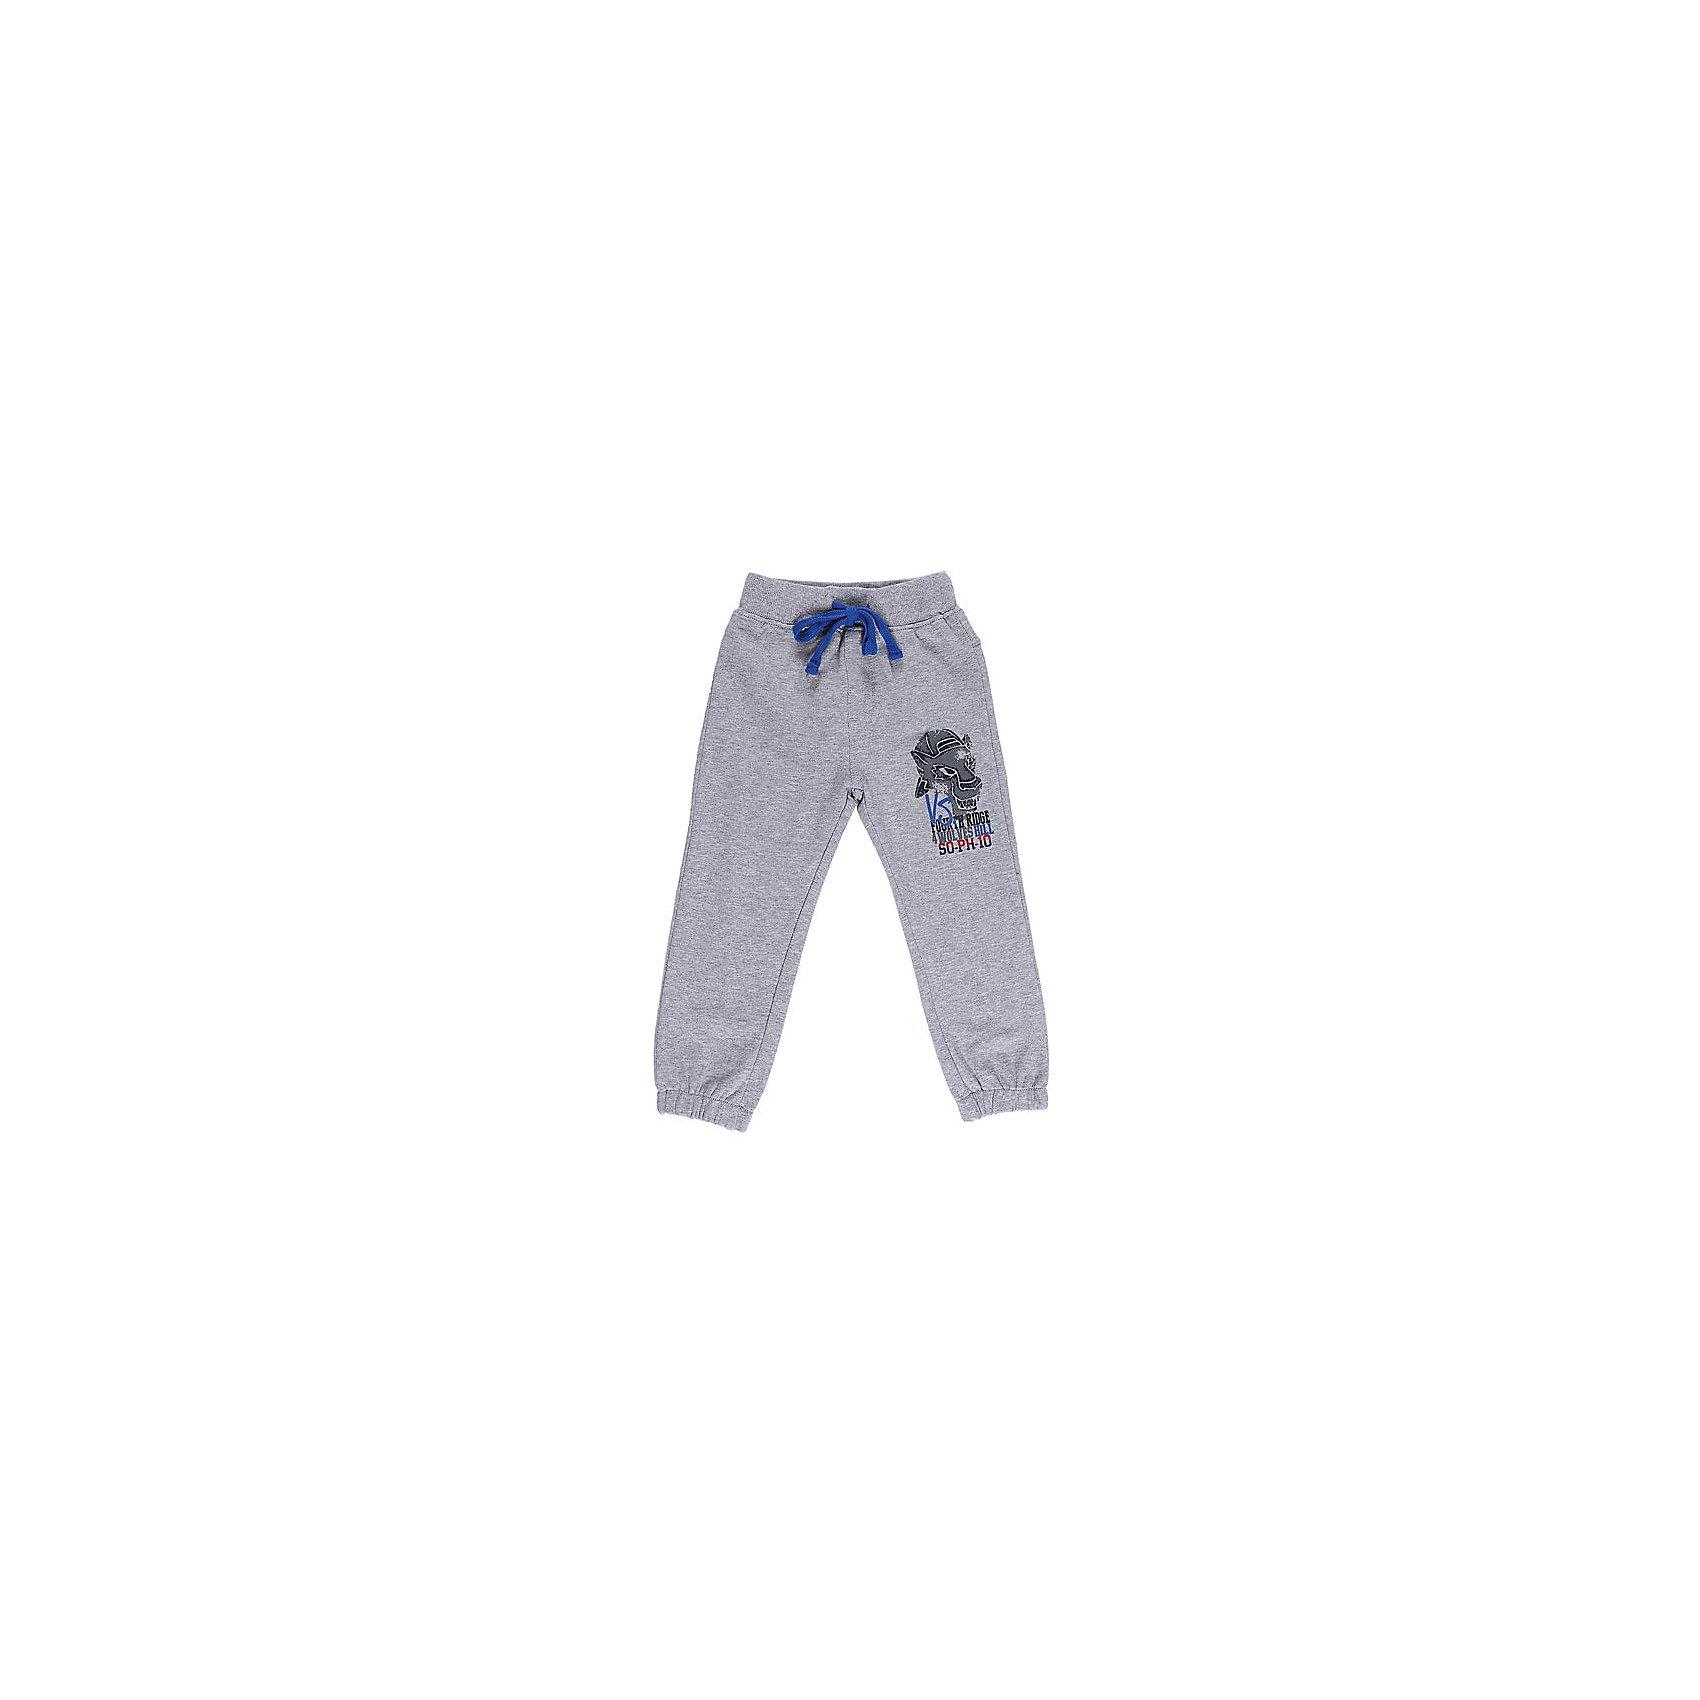 Брюки для мальчика Sweet BerryДжинсы и брючки<br>Спортивные брюки для мальчиков. Эластичный пояс с внутренней резинкой, с дополнительным хлопковым шнурком. Украшены принтом.<br>Состав:<br>95% хлопок 5% эластан<br><br>Ширина мм: 215<br>Глубина мм: 88<br>Высота мм: 191<br>Вес г: 336<br>Цвет: серый<br>Возраст от месяцев: 12<br>Возраст до месяцев: 15<br>Пол: Мужской<br>Возраст: Детский<br>Размер: 80,98,92,86<br>SKU: 4929982